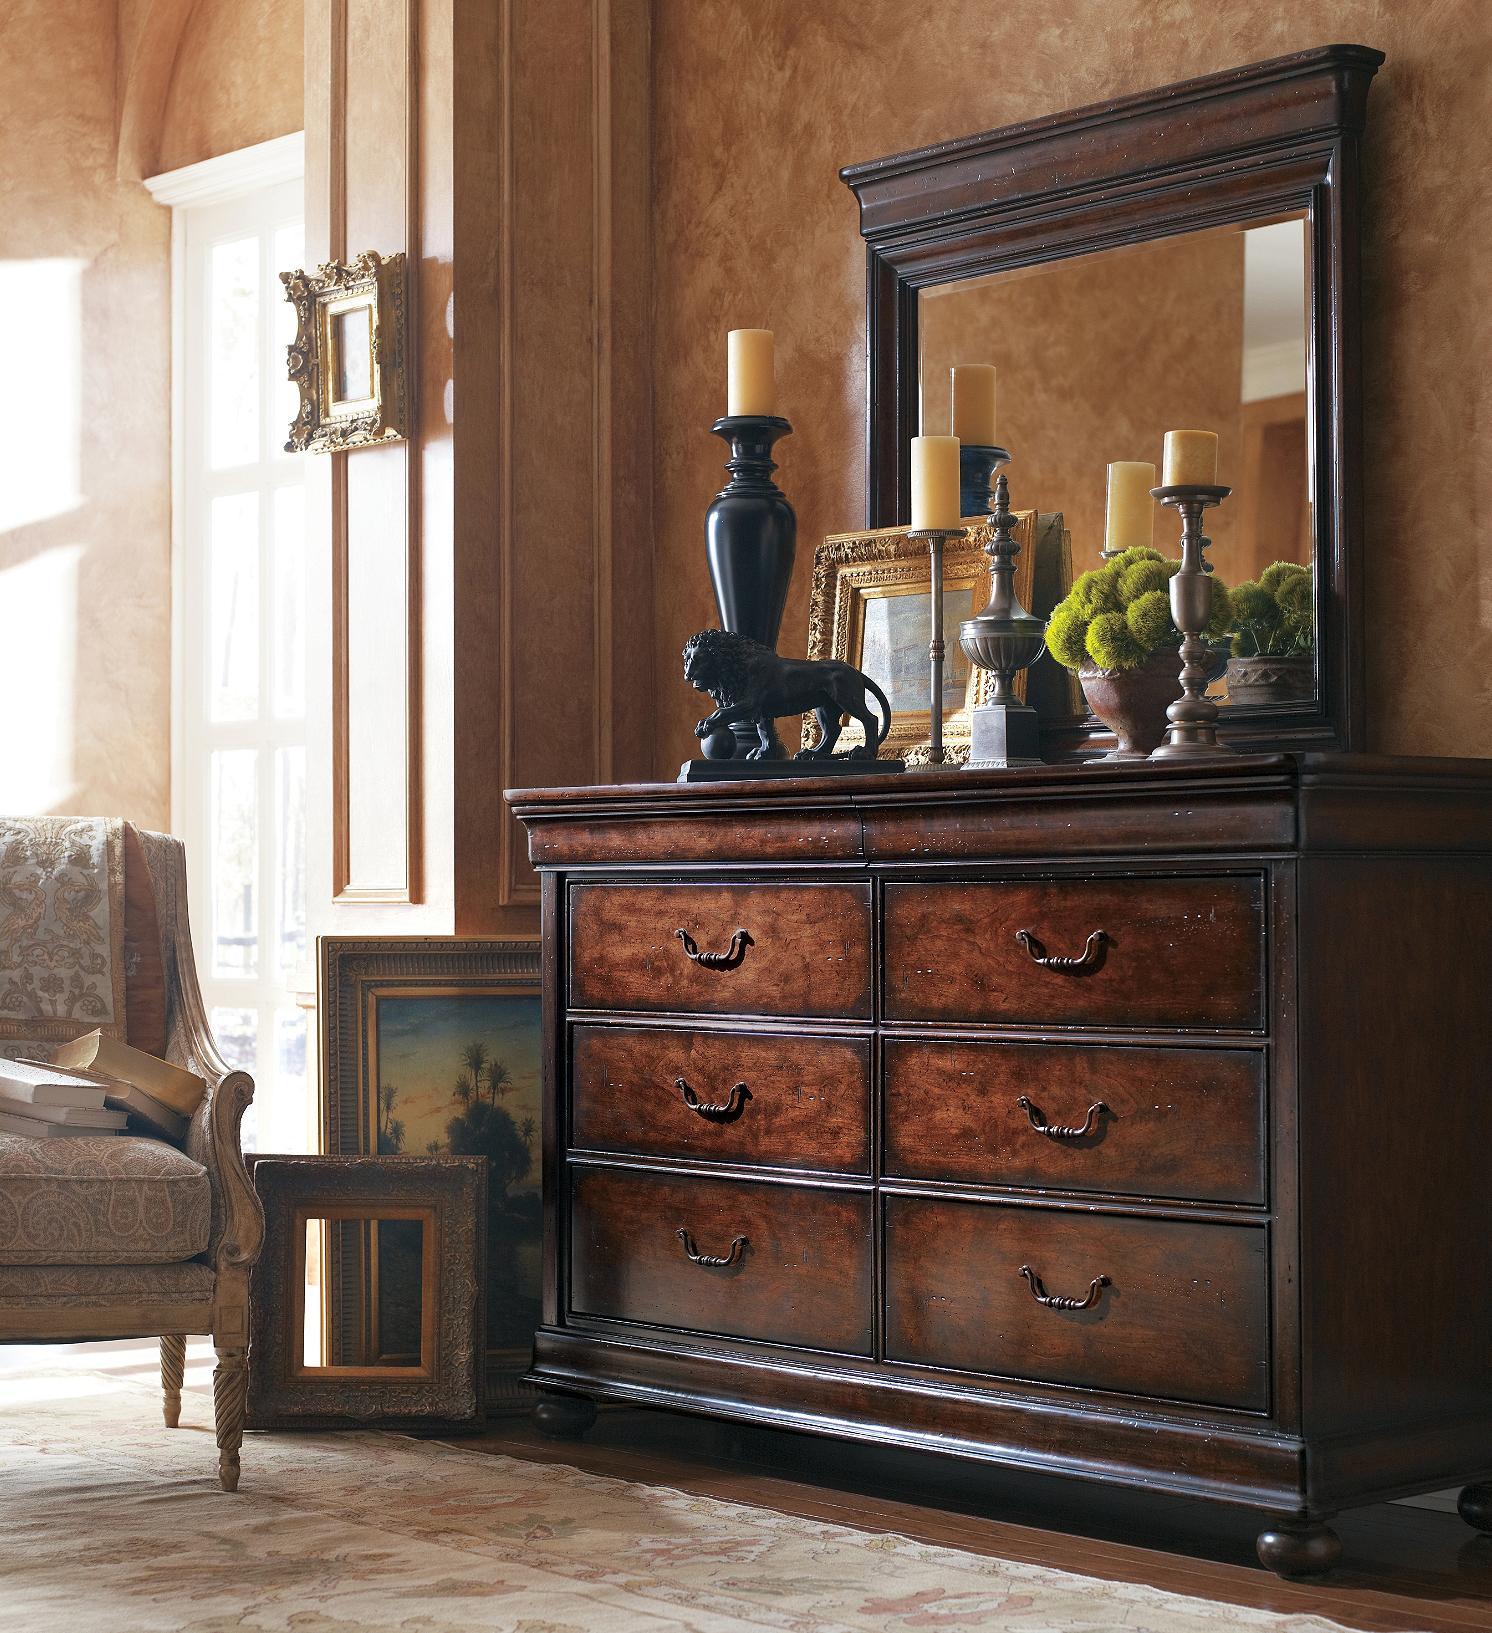 Stanley Furniture The Classic Portfolio - Louis Philippe Dresser & Mirror - Item Number: 058-13-30+05